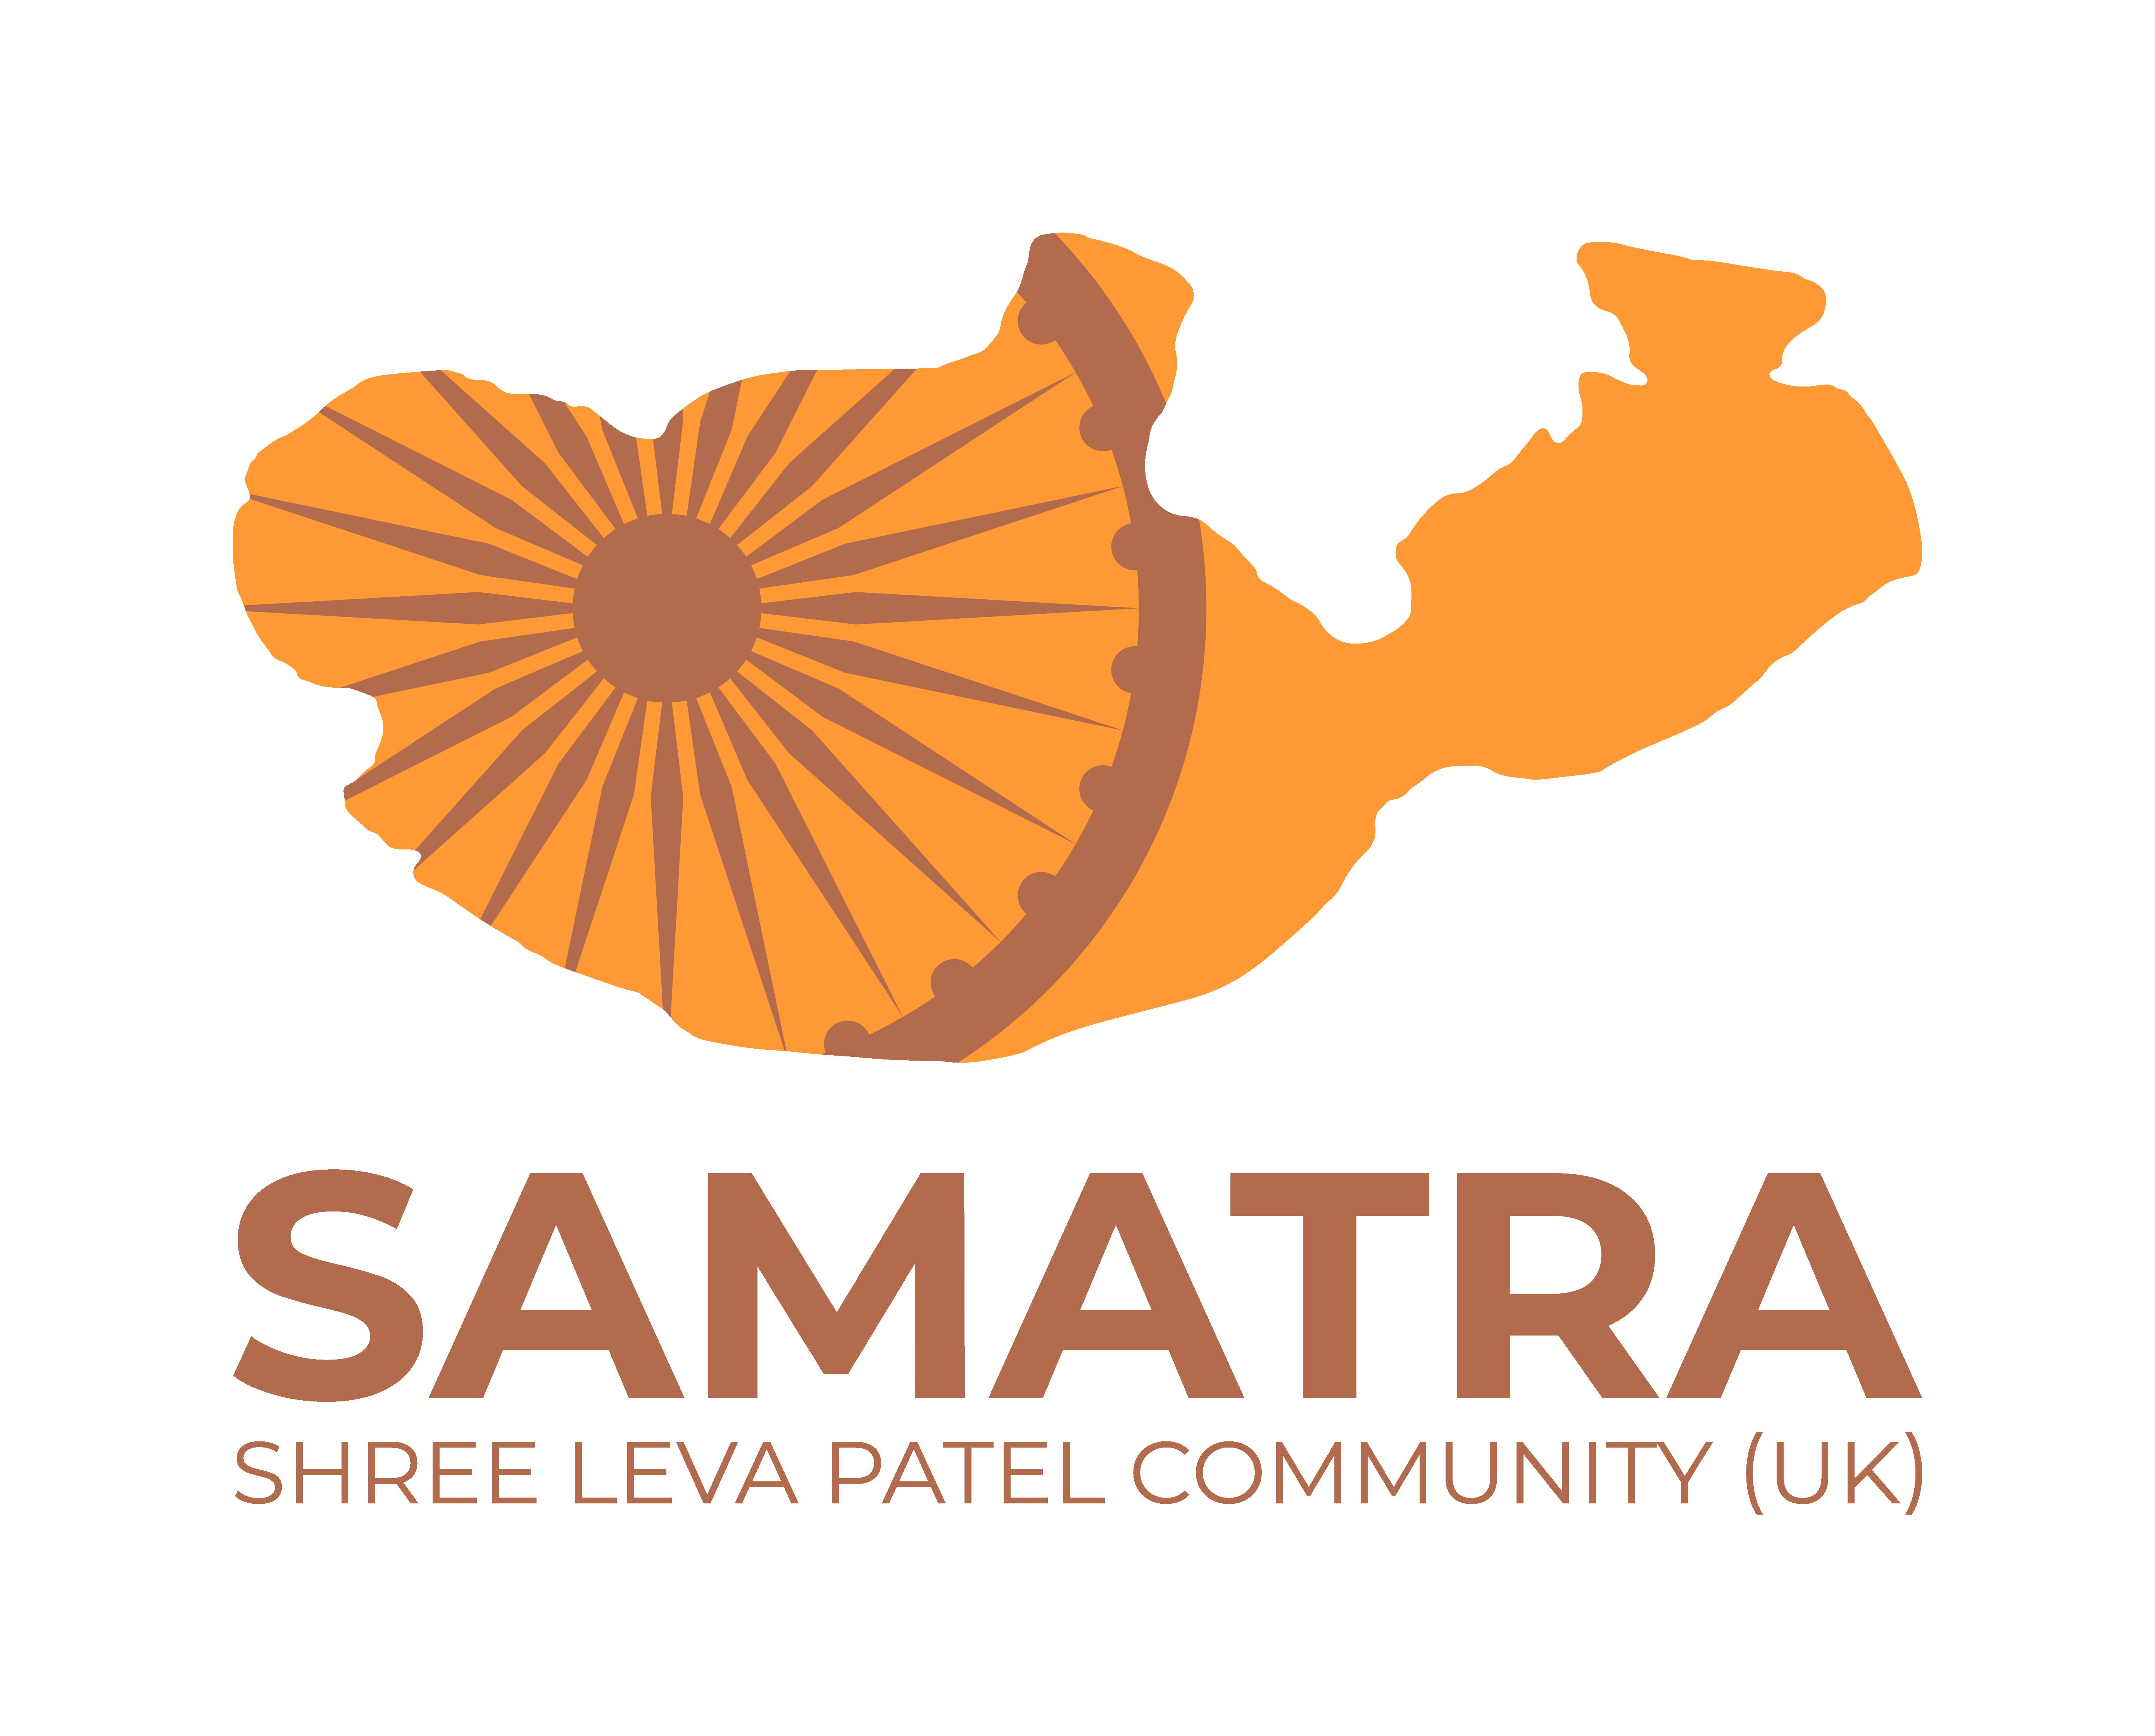 Samatra